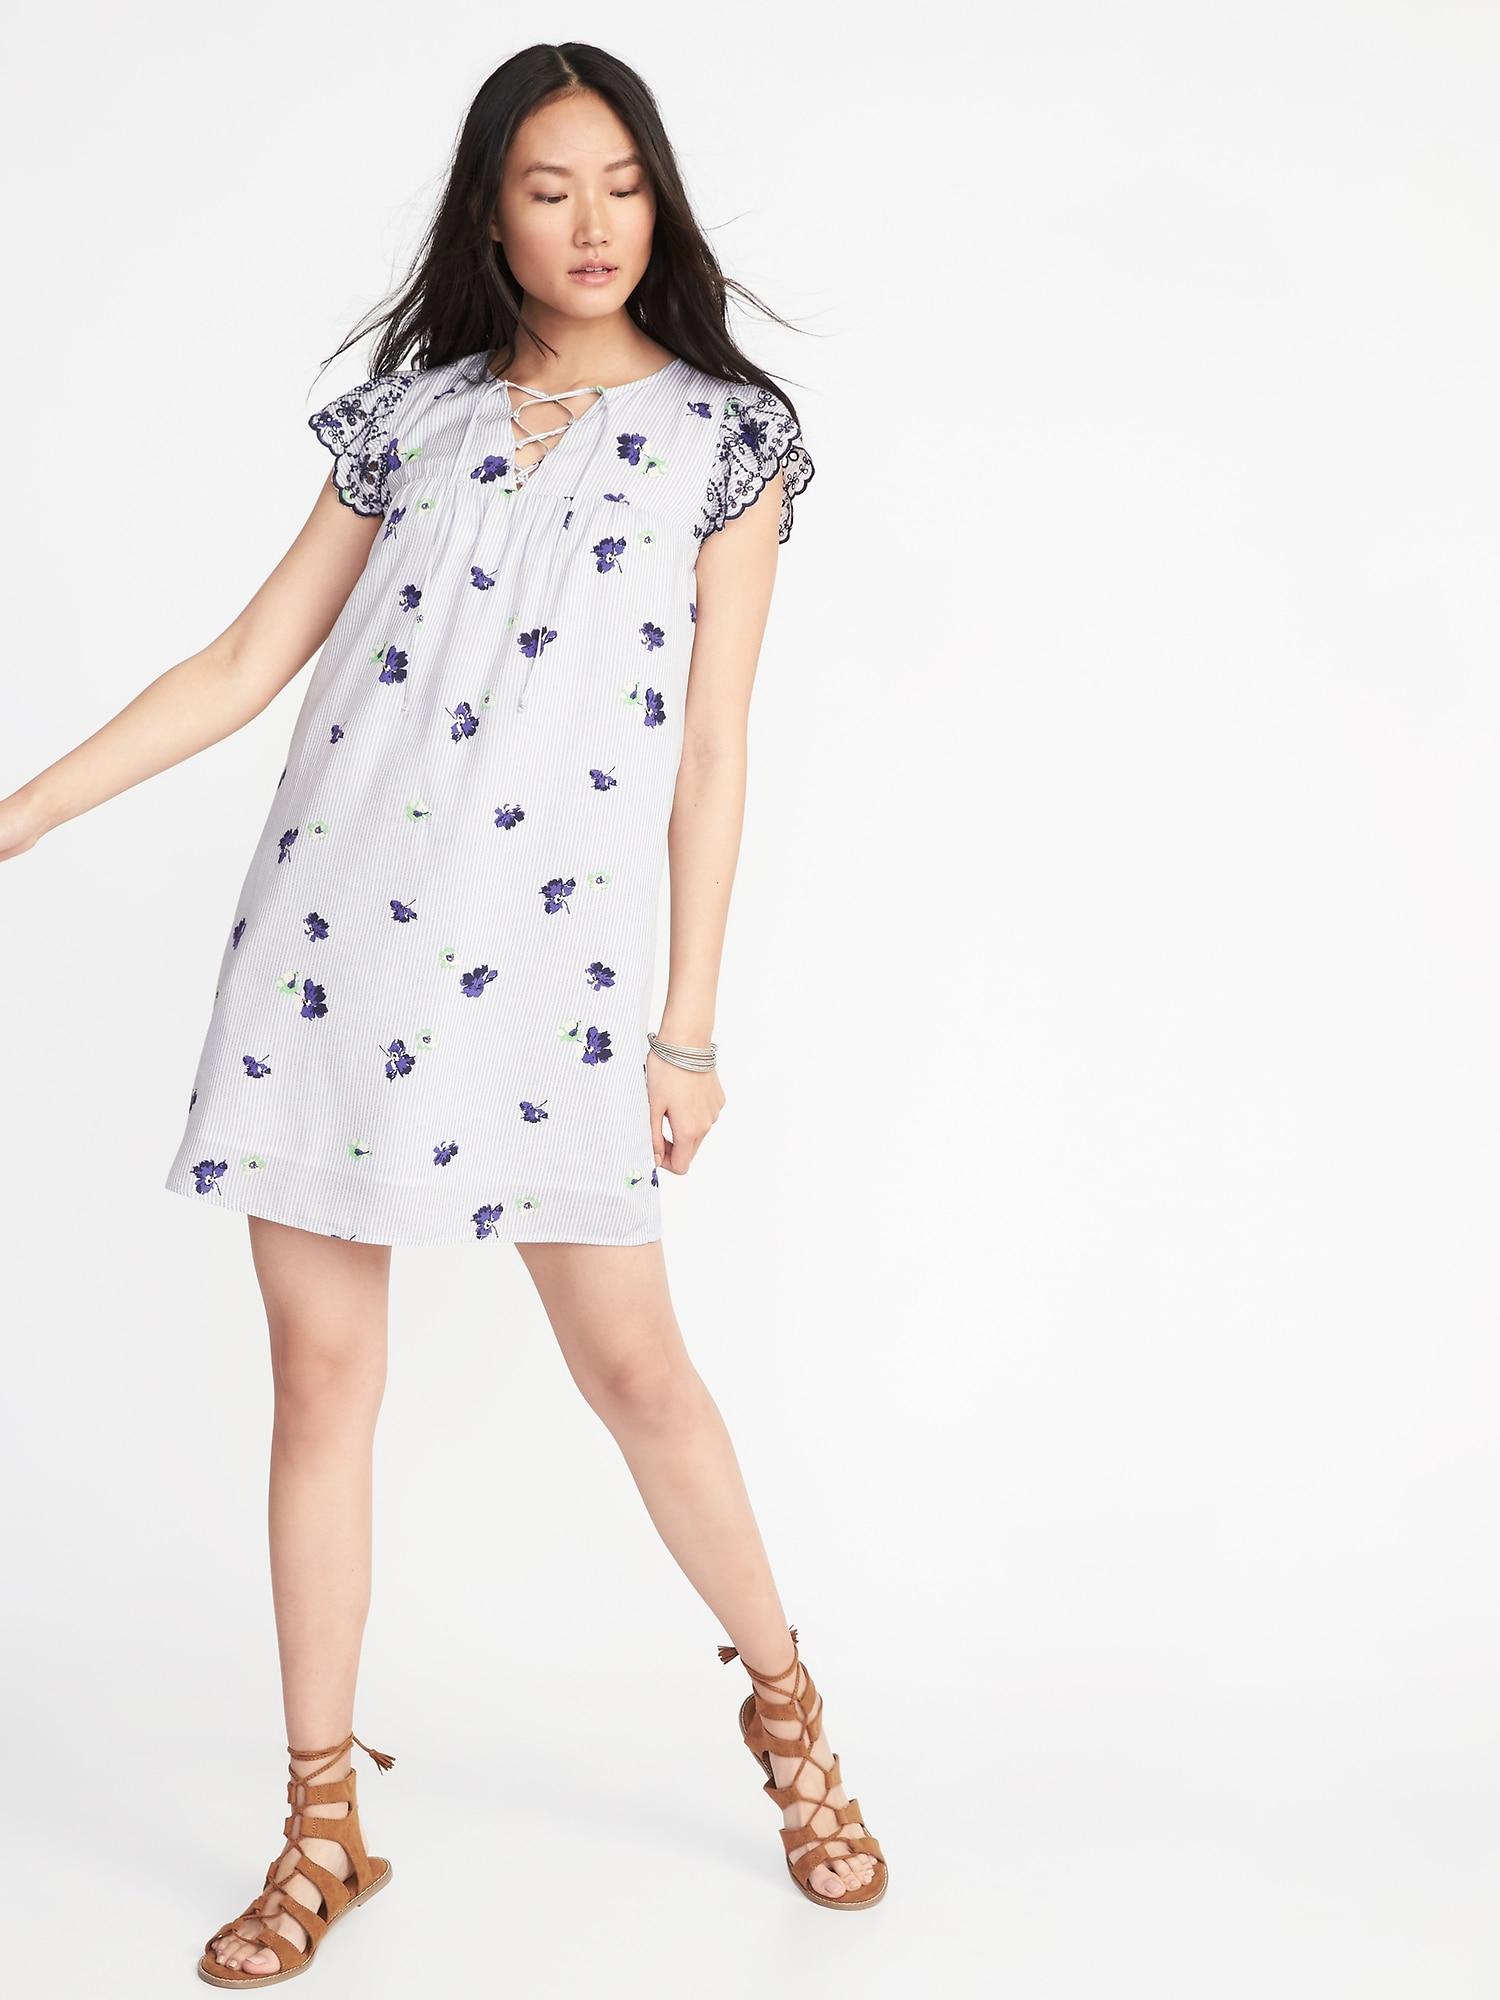 78ae189b364 Lace-Yoke Cutwork-Sleeve Swing Dress for Women